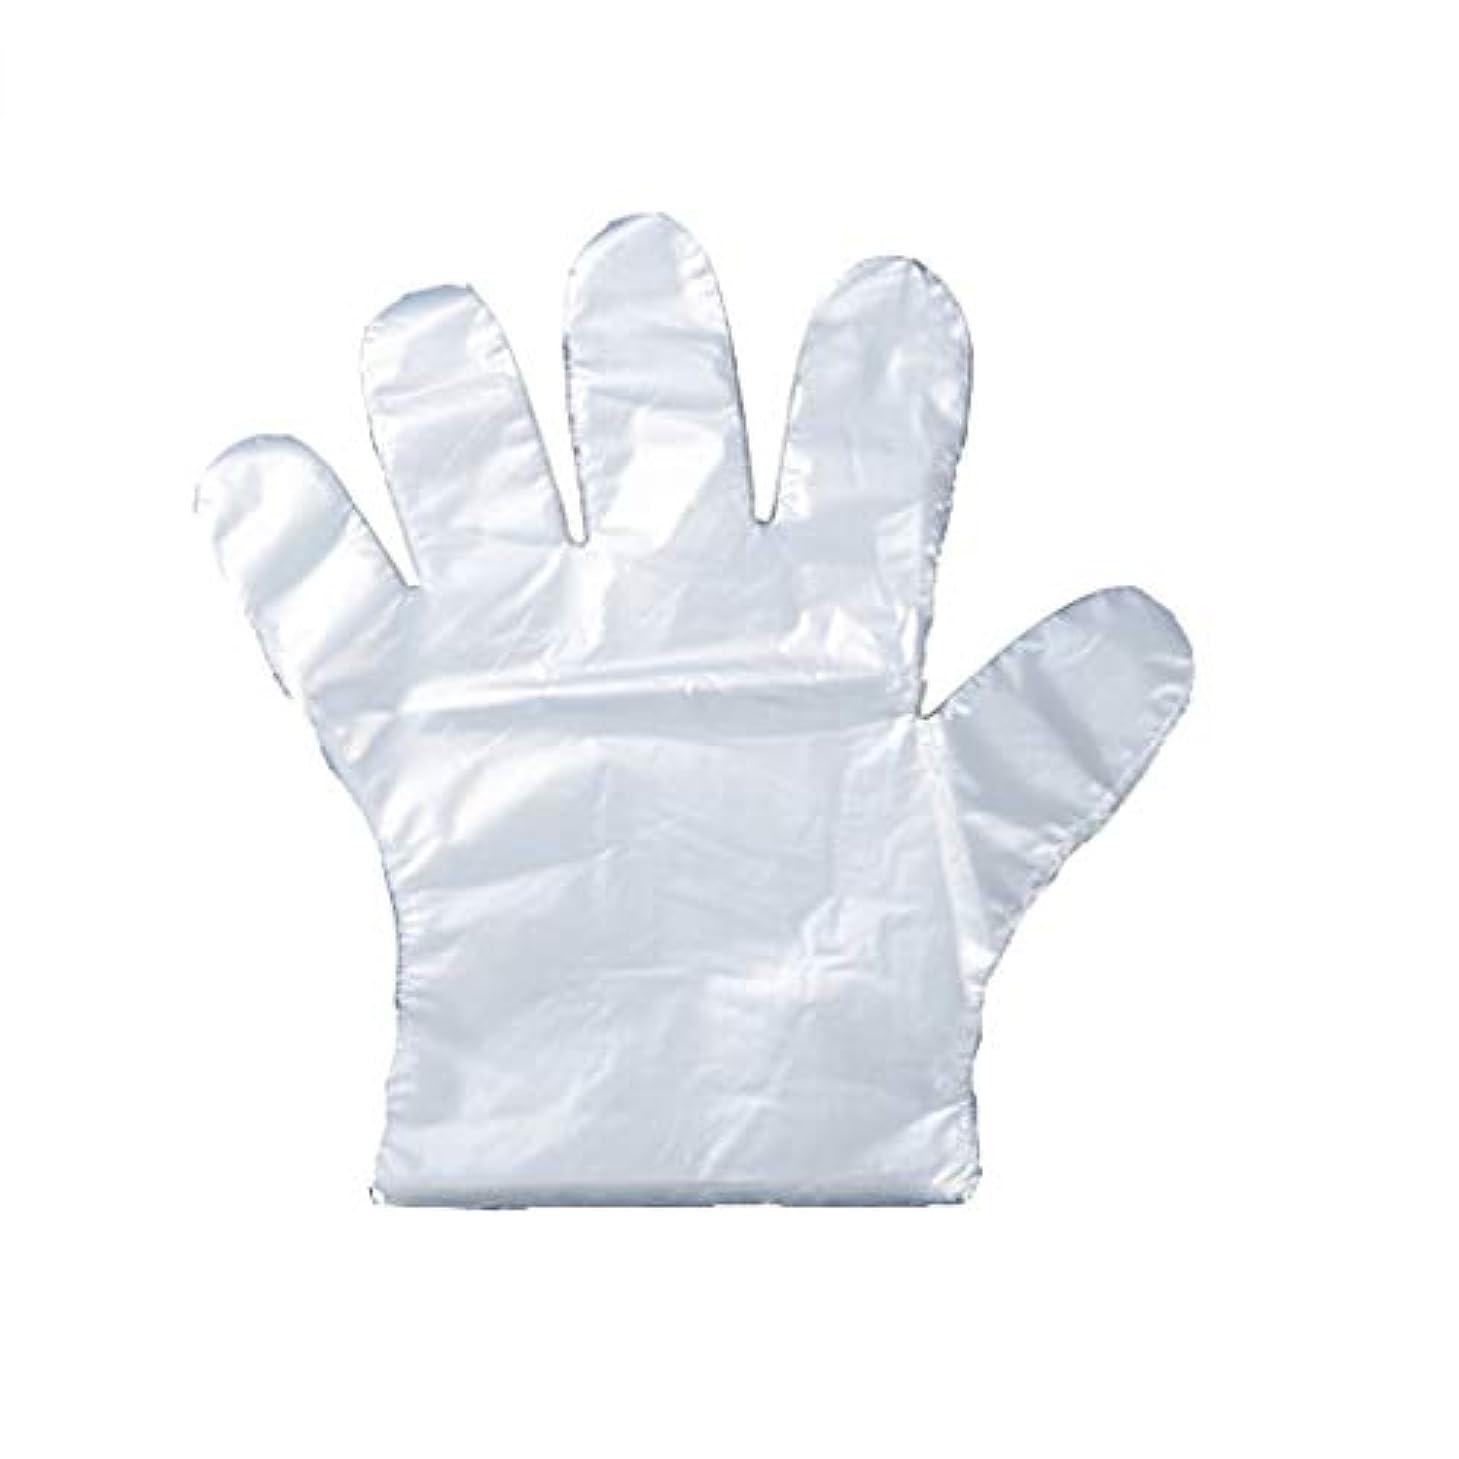 ファッションスペア筋肉の手袋の使い捨て手袋のフィルム家庭用キッチンの食品は、透明PEプラスチック手袋100パッケージを厚くした (UnitCount : 200)